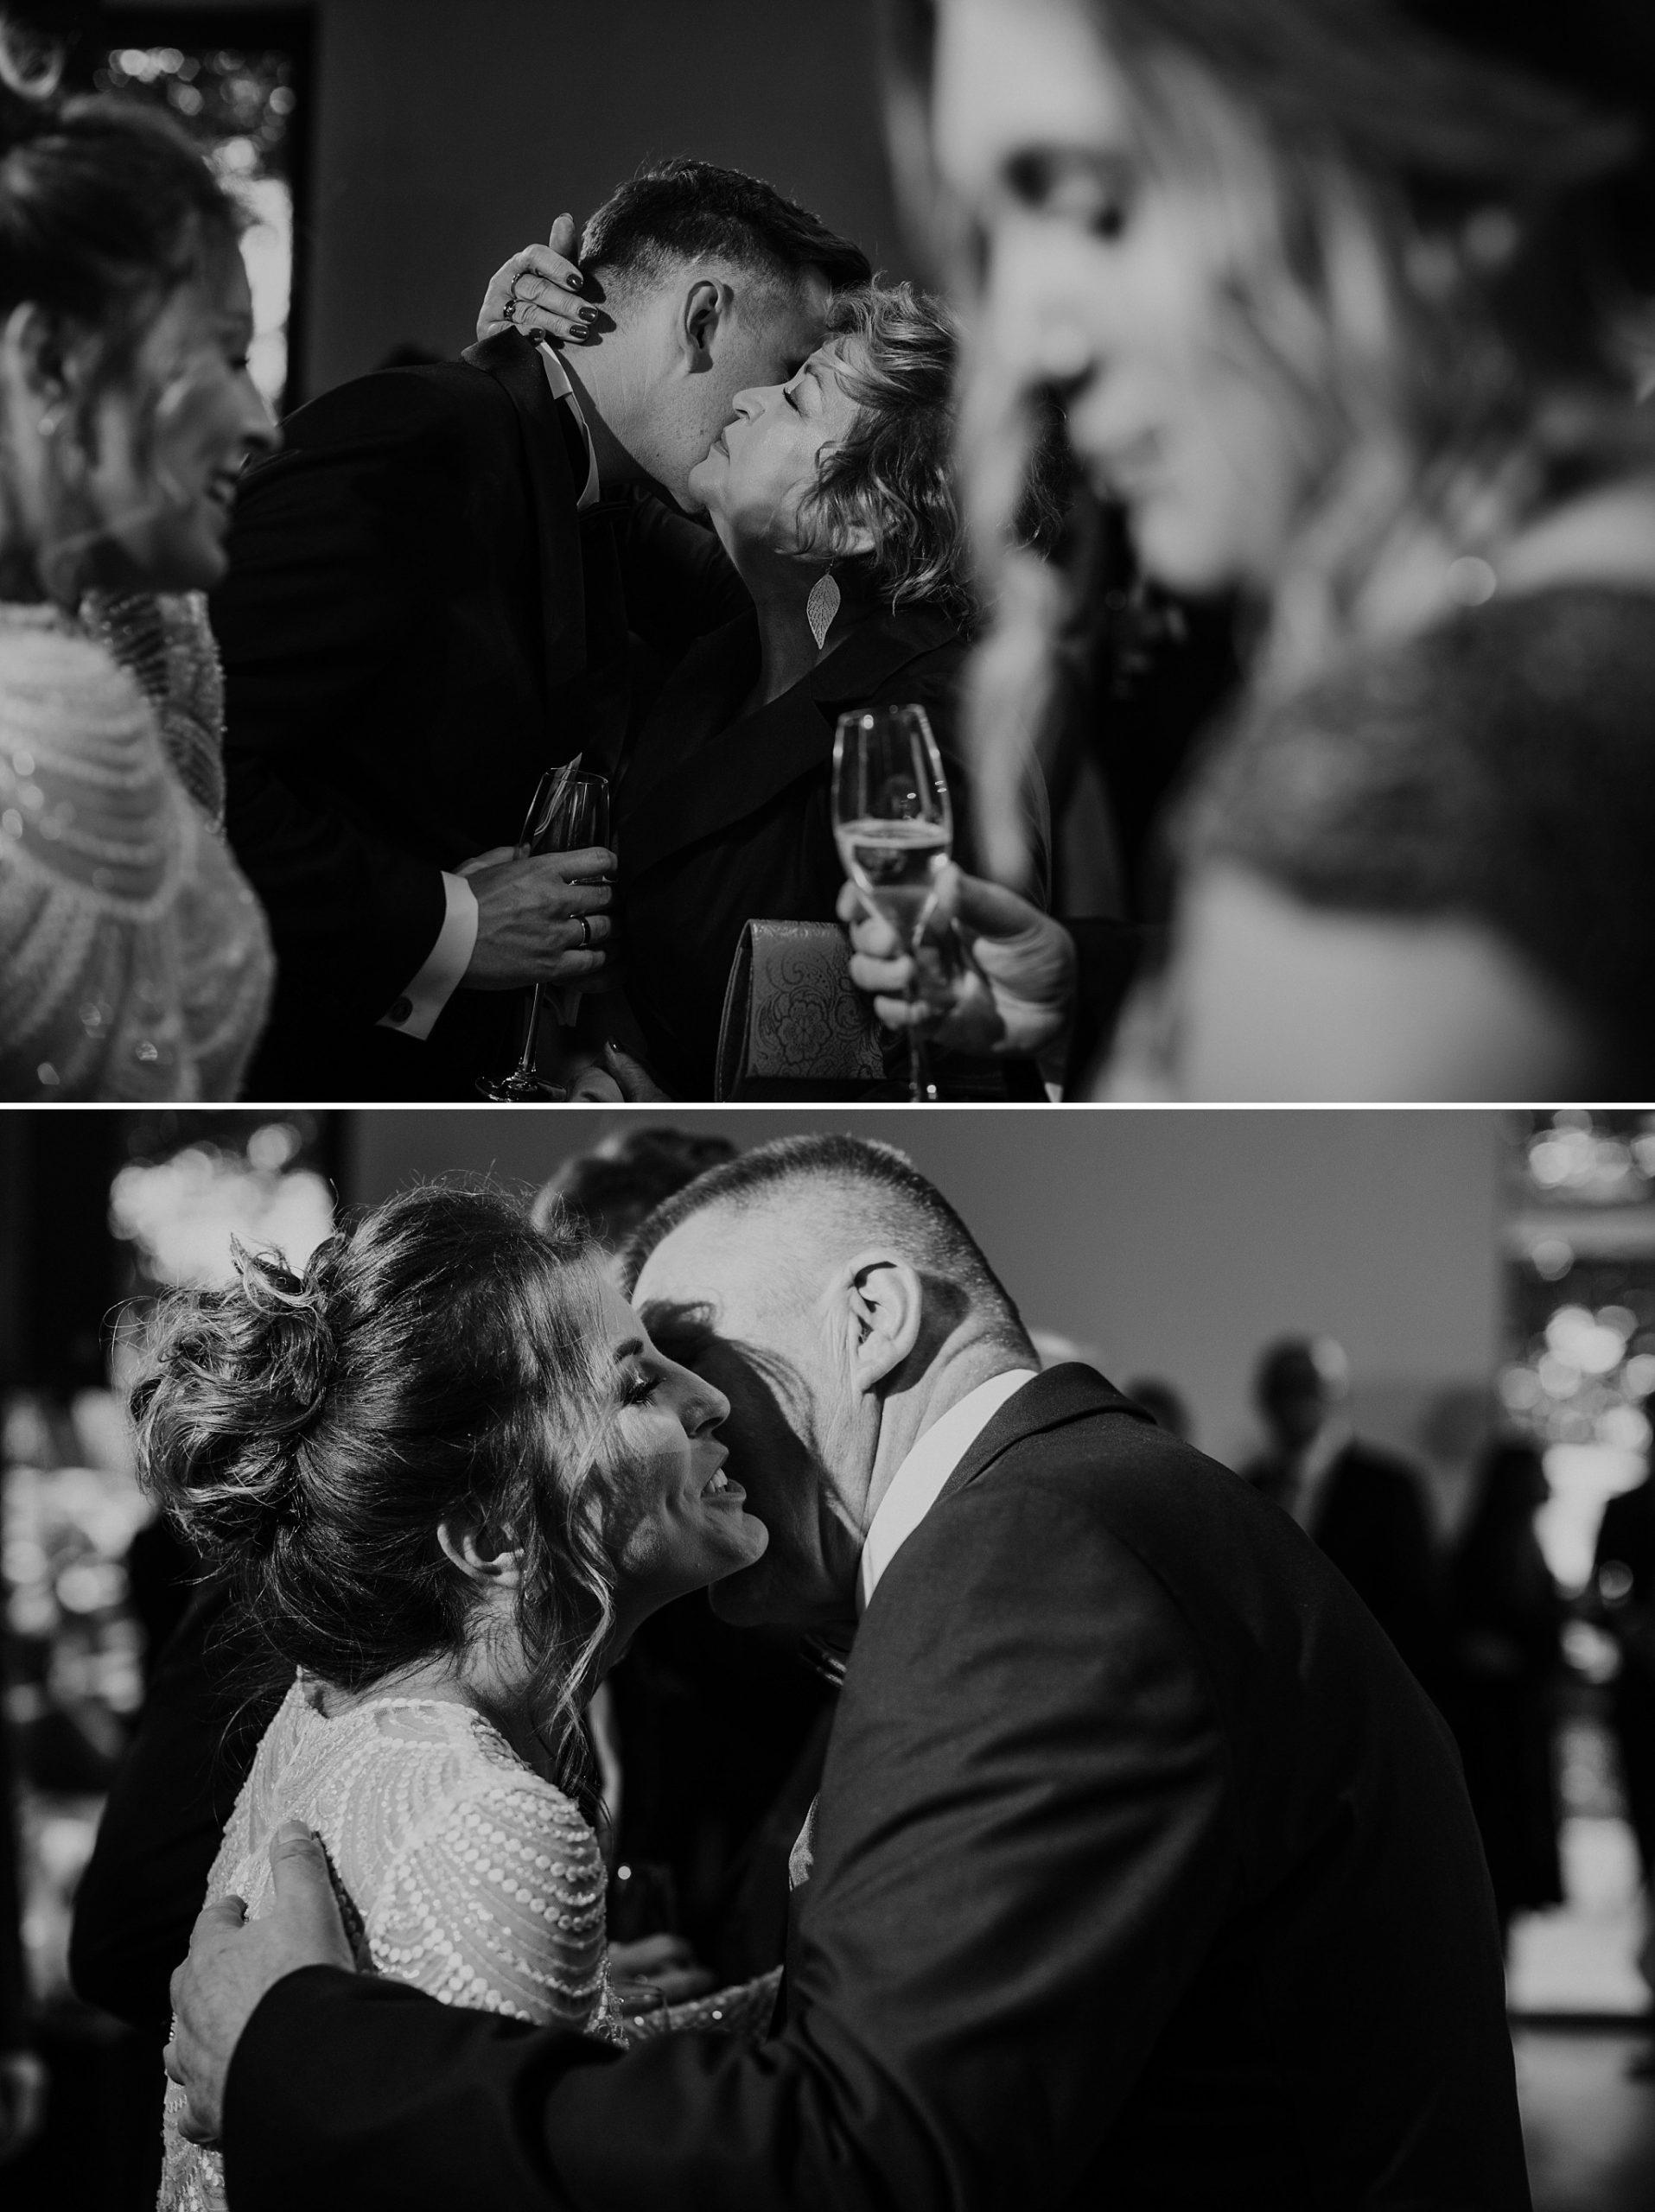 fotograf poznan wesele dobra truskawka piekne wesele pod poznaniem wesele w dobrej truskawce piekna para mloda slub marzen slub koronawirus slub listopad wesele koronawirus 285 scaled